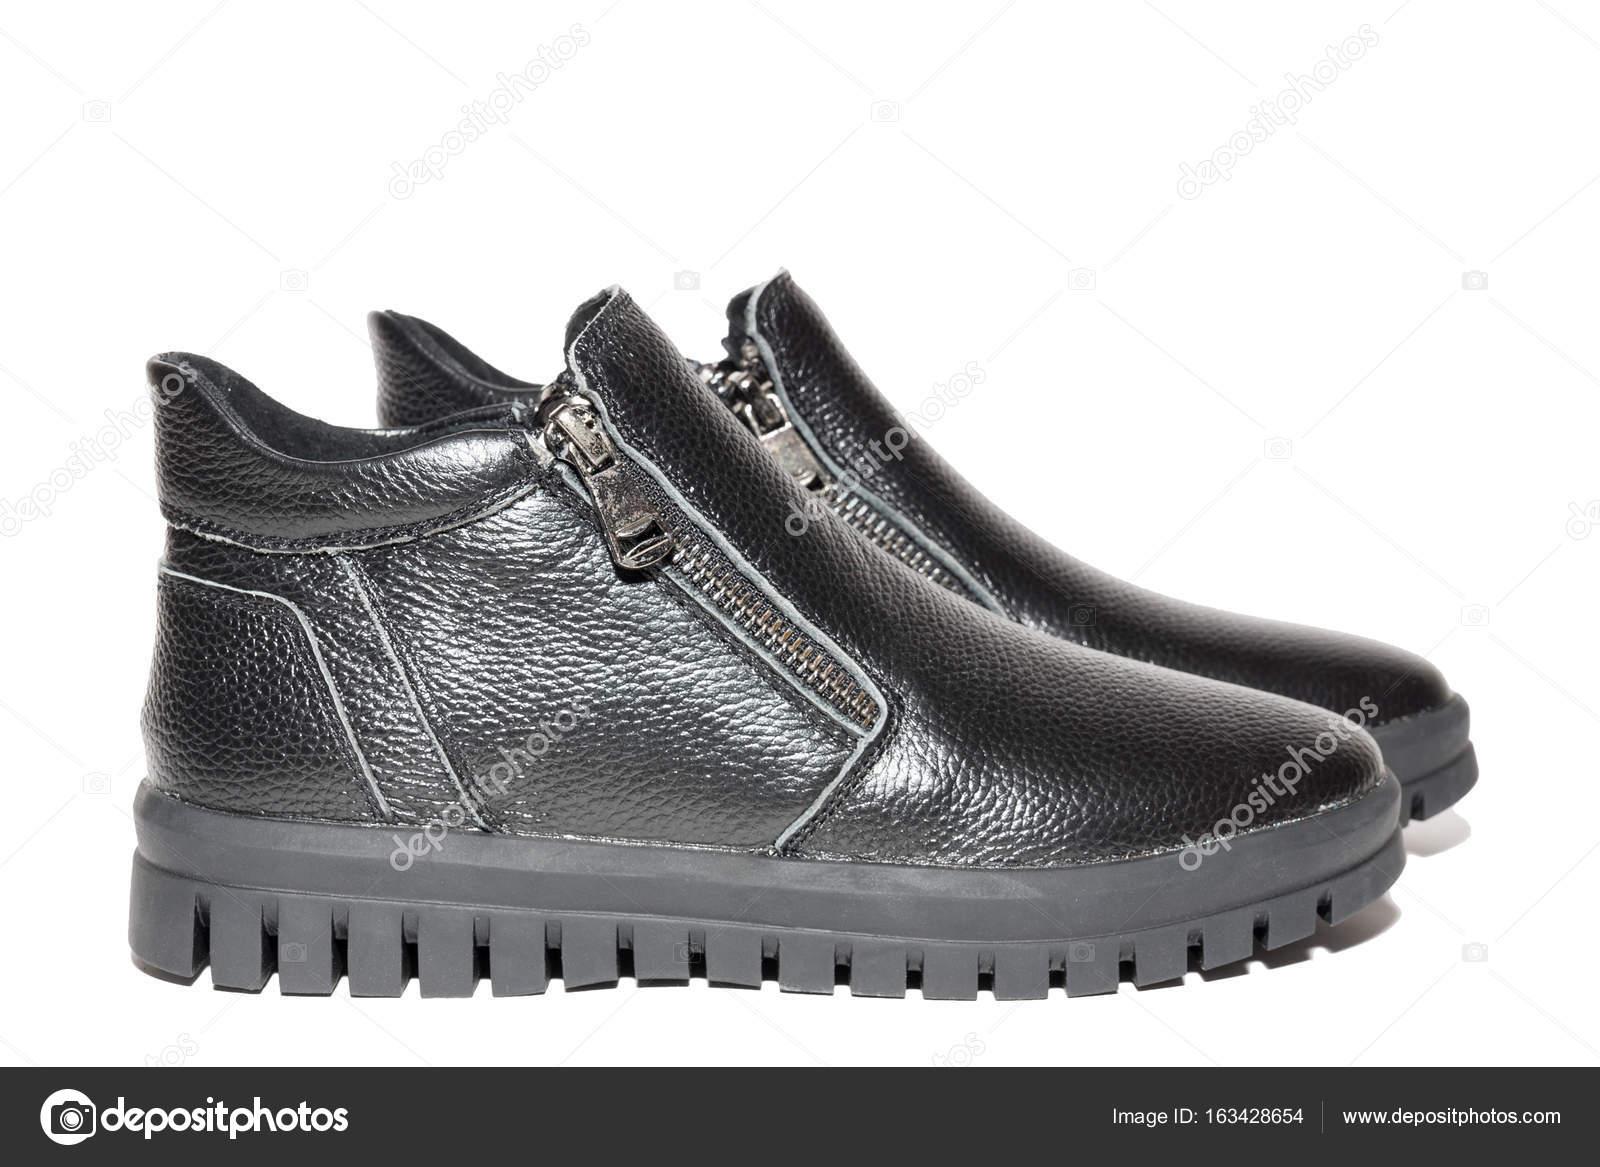 df52d64142e Χειμερινά γυναικεία δερμάτινα παπούτσια — Φωτογραφία Αρχείου ...